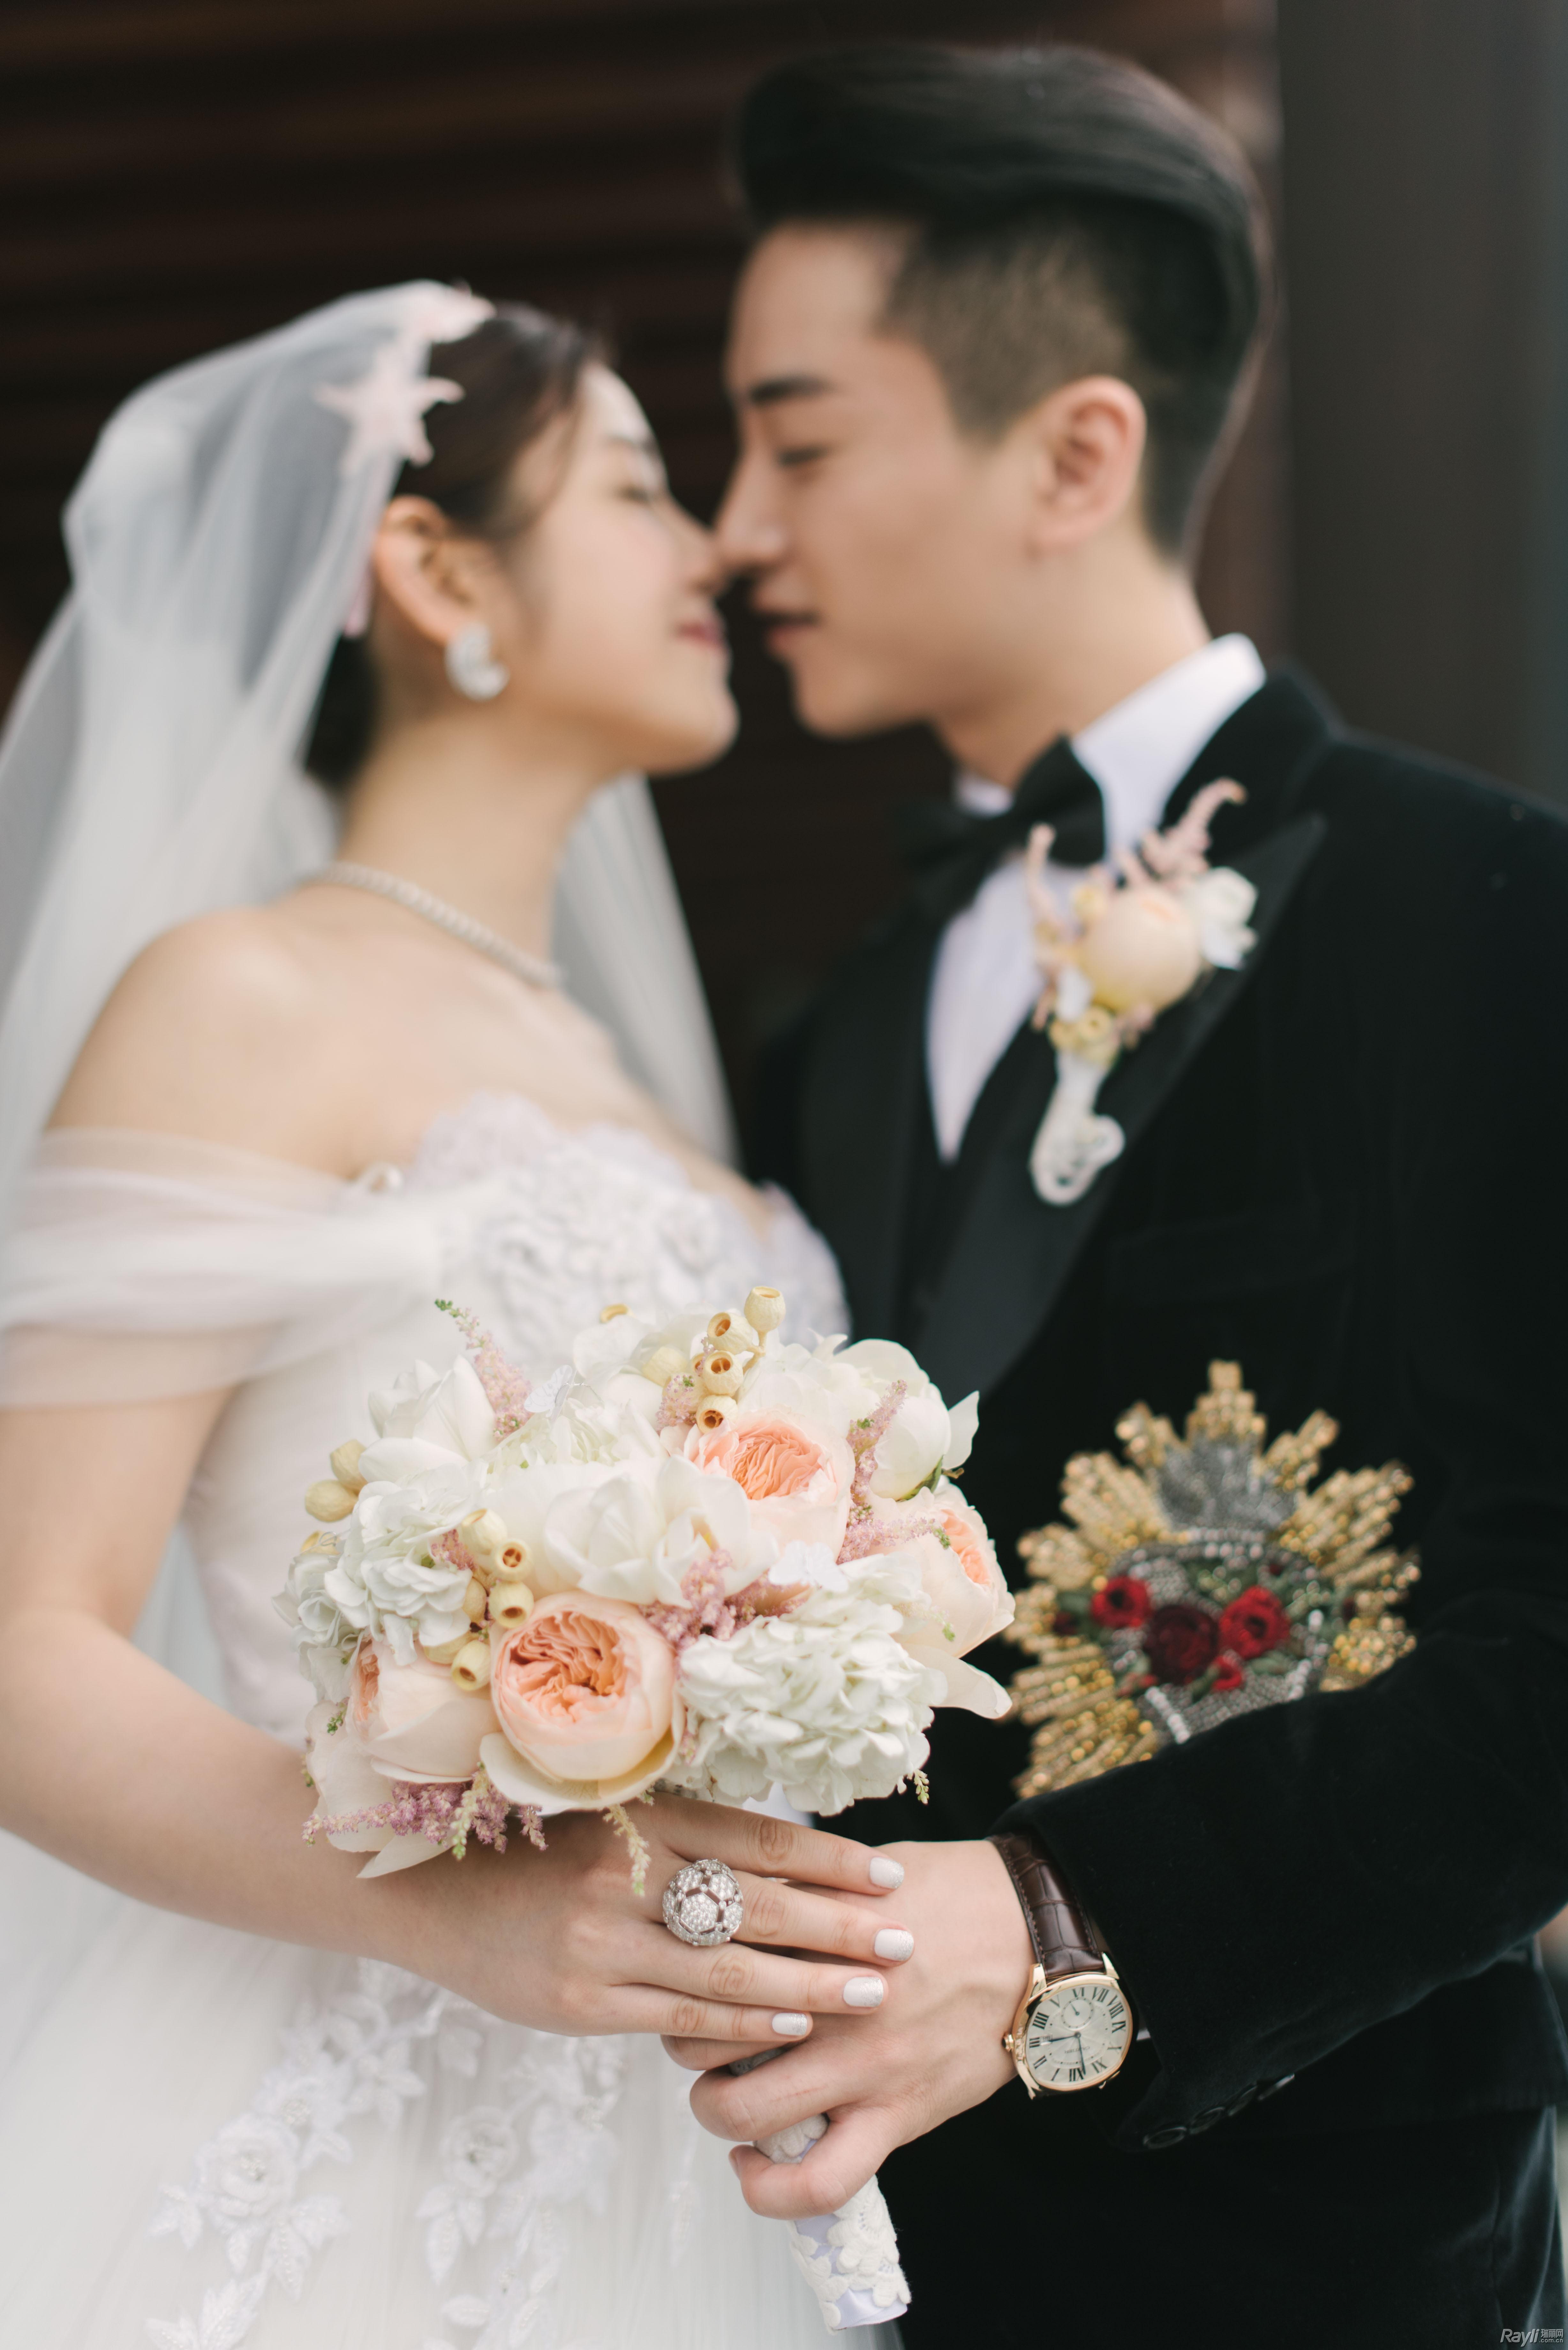 Gao yuanyuan wedding bands